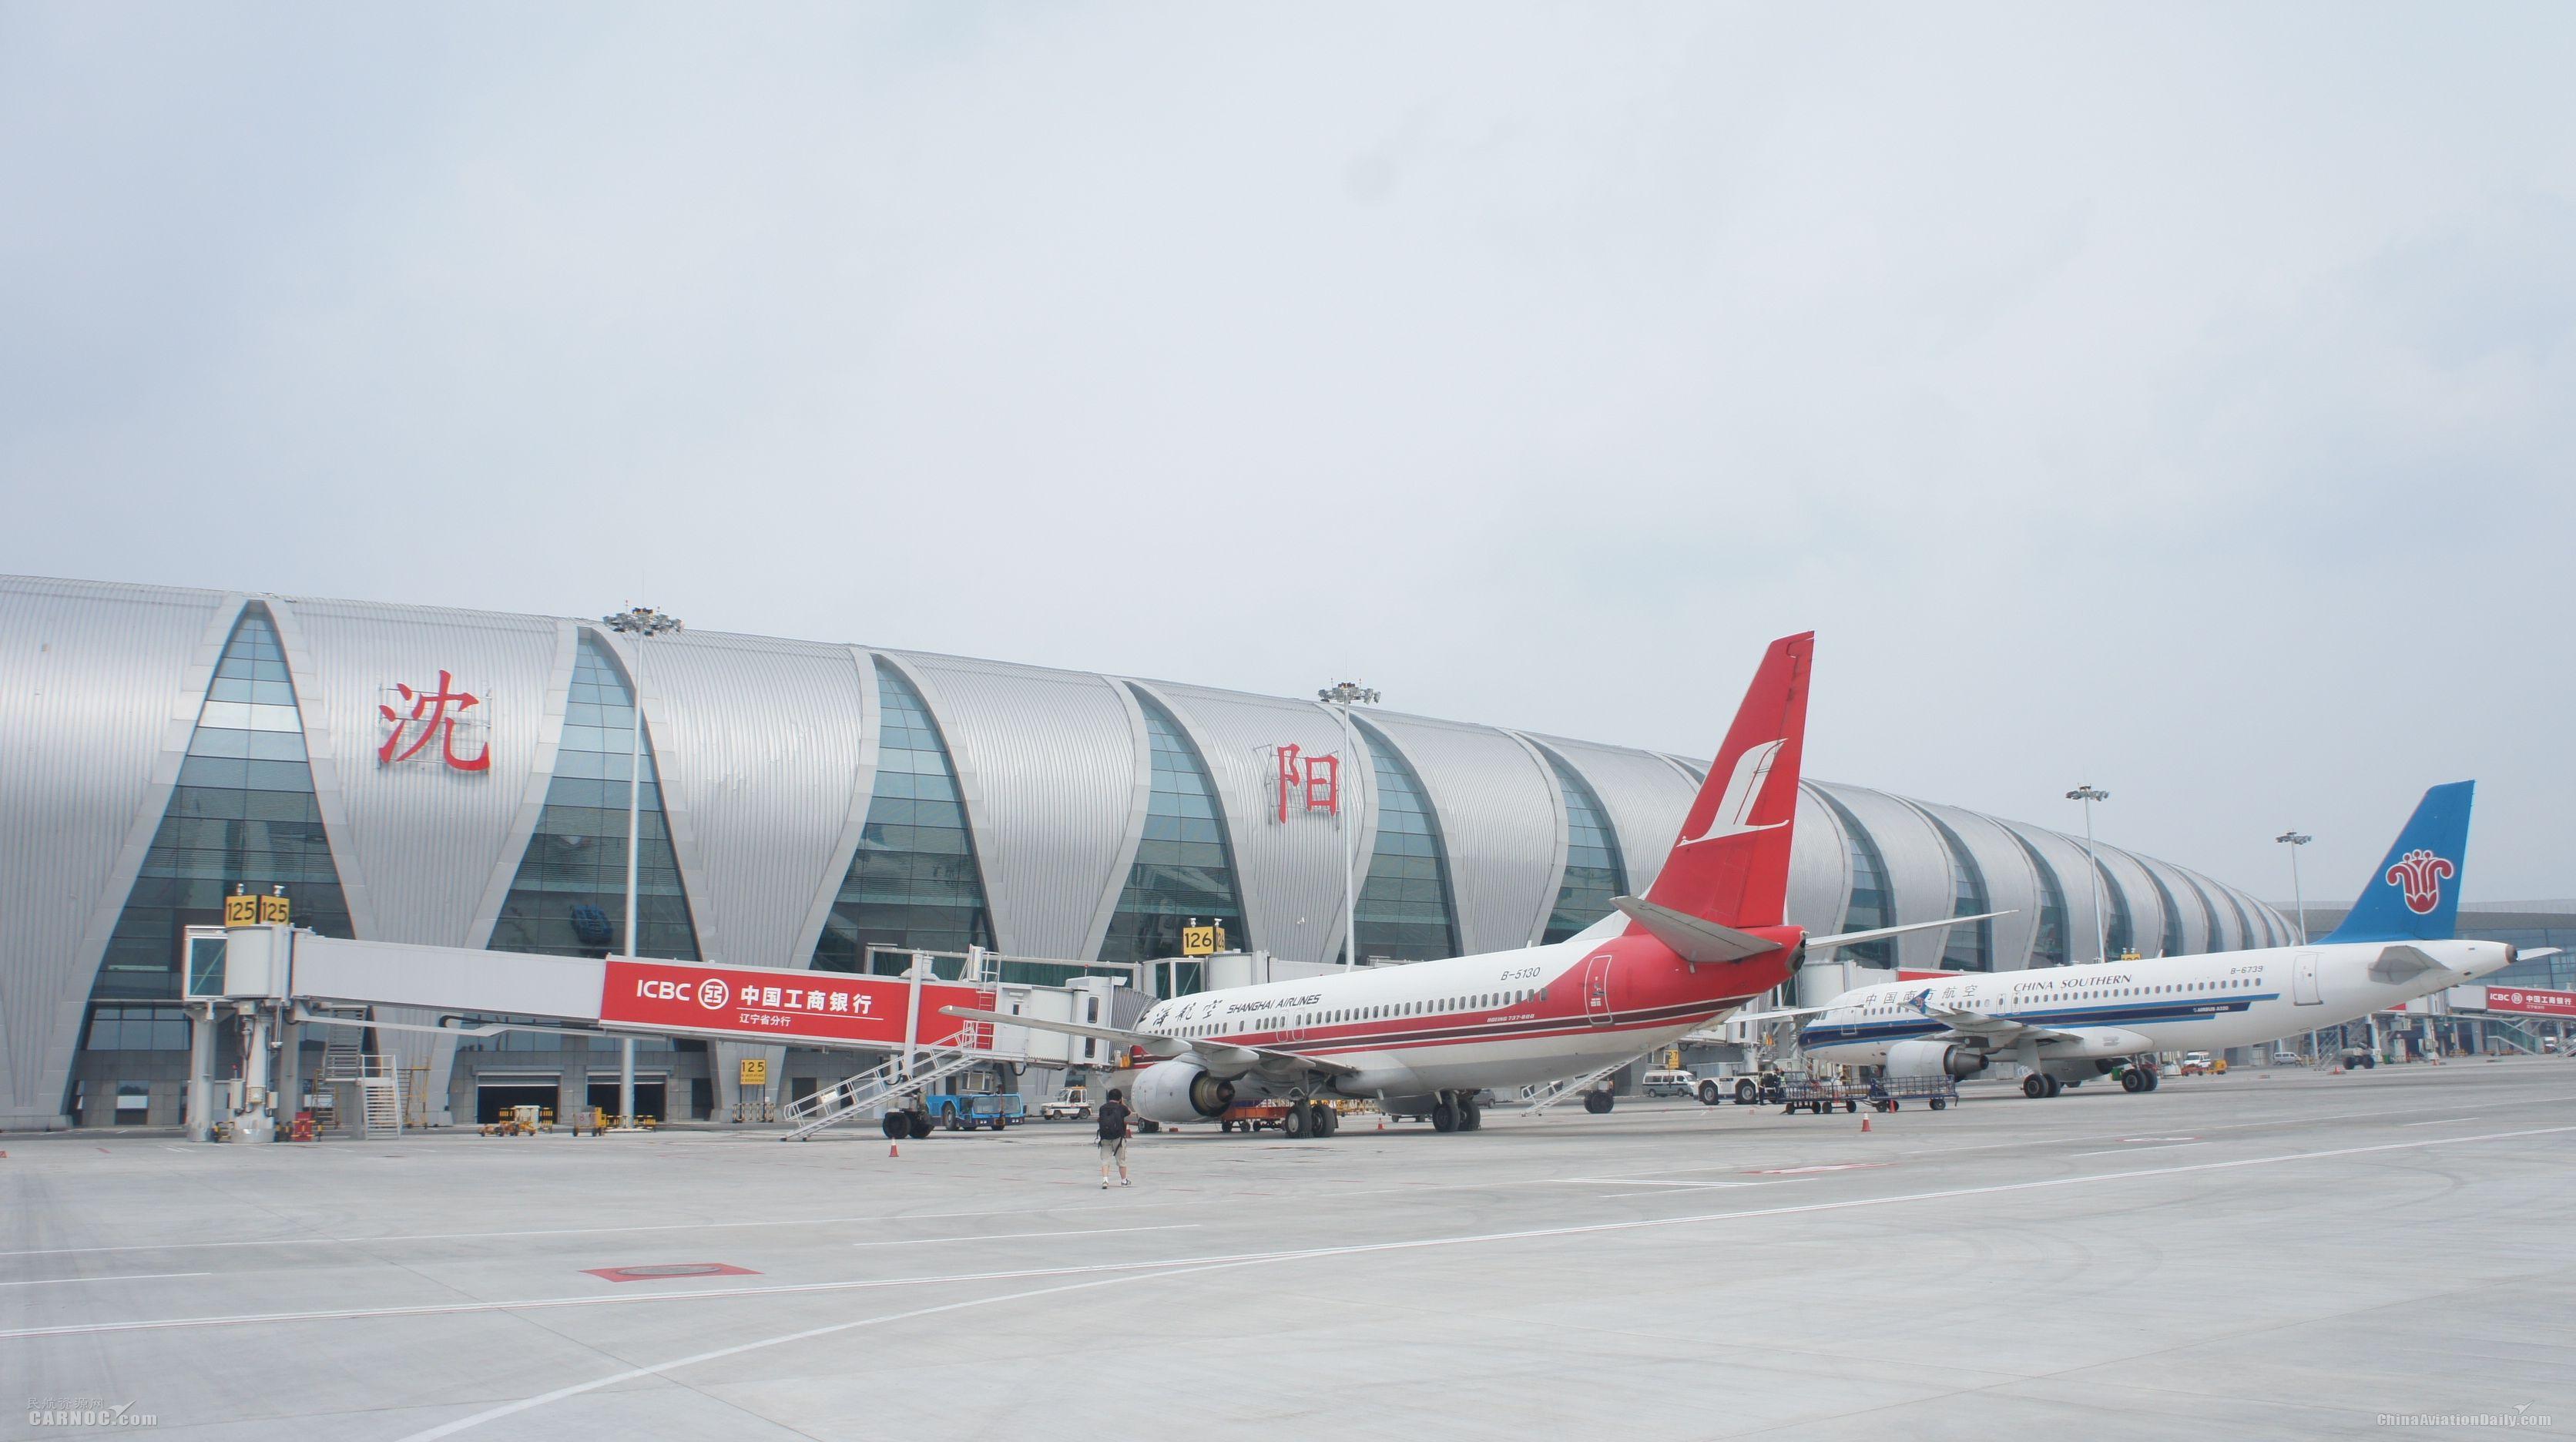 沈阳桃仙国际机场年旅客吞吐量突破2000万人次